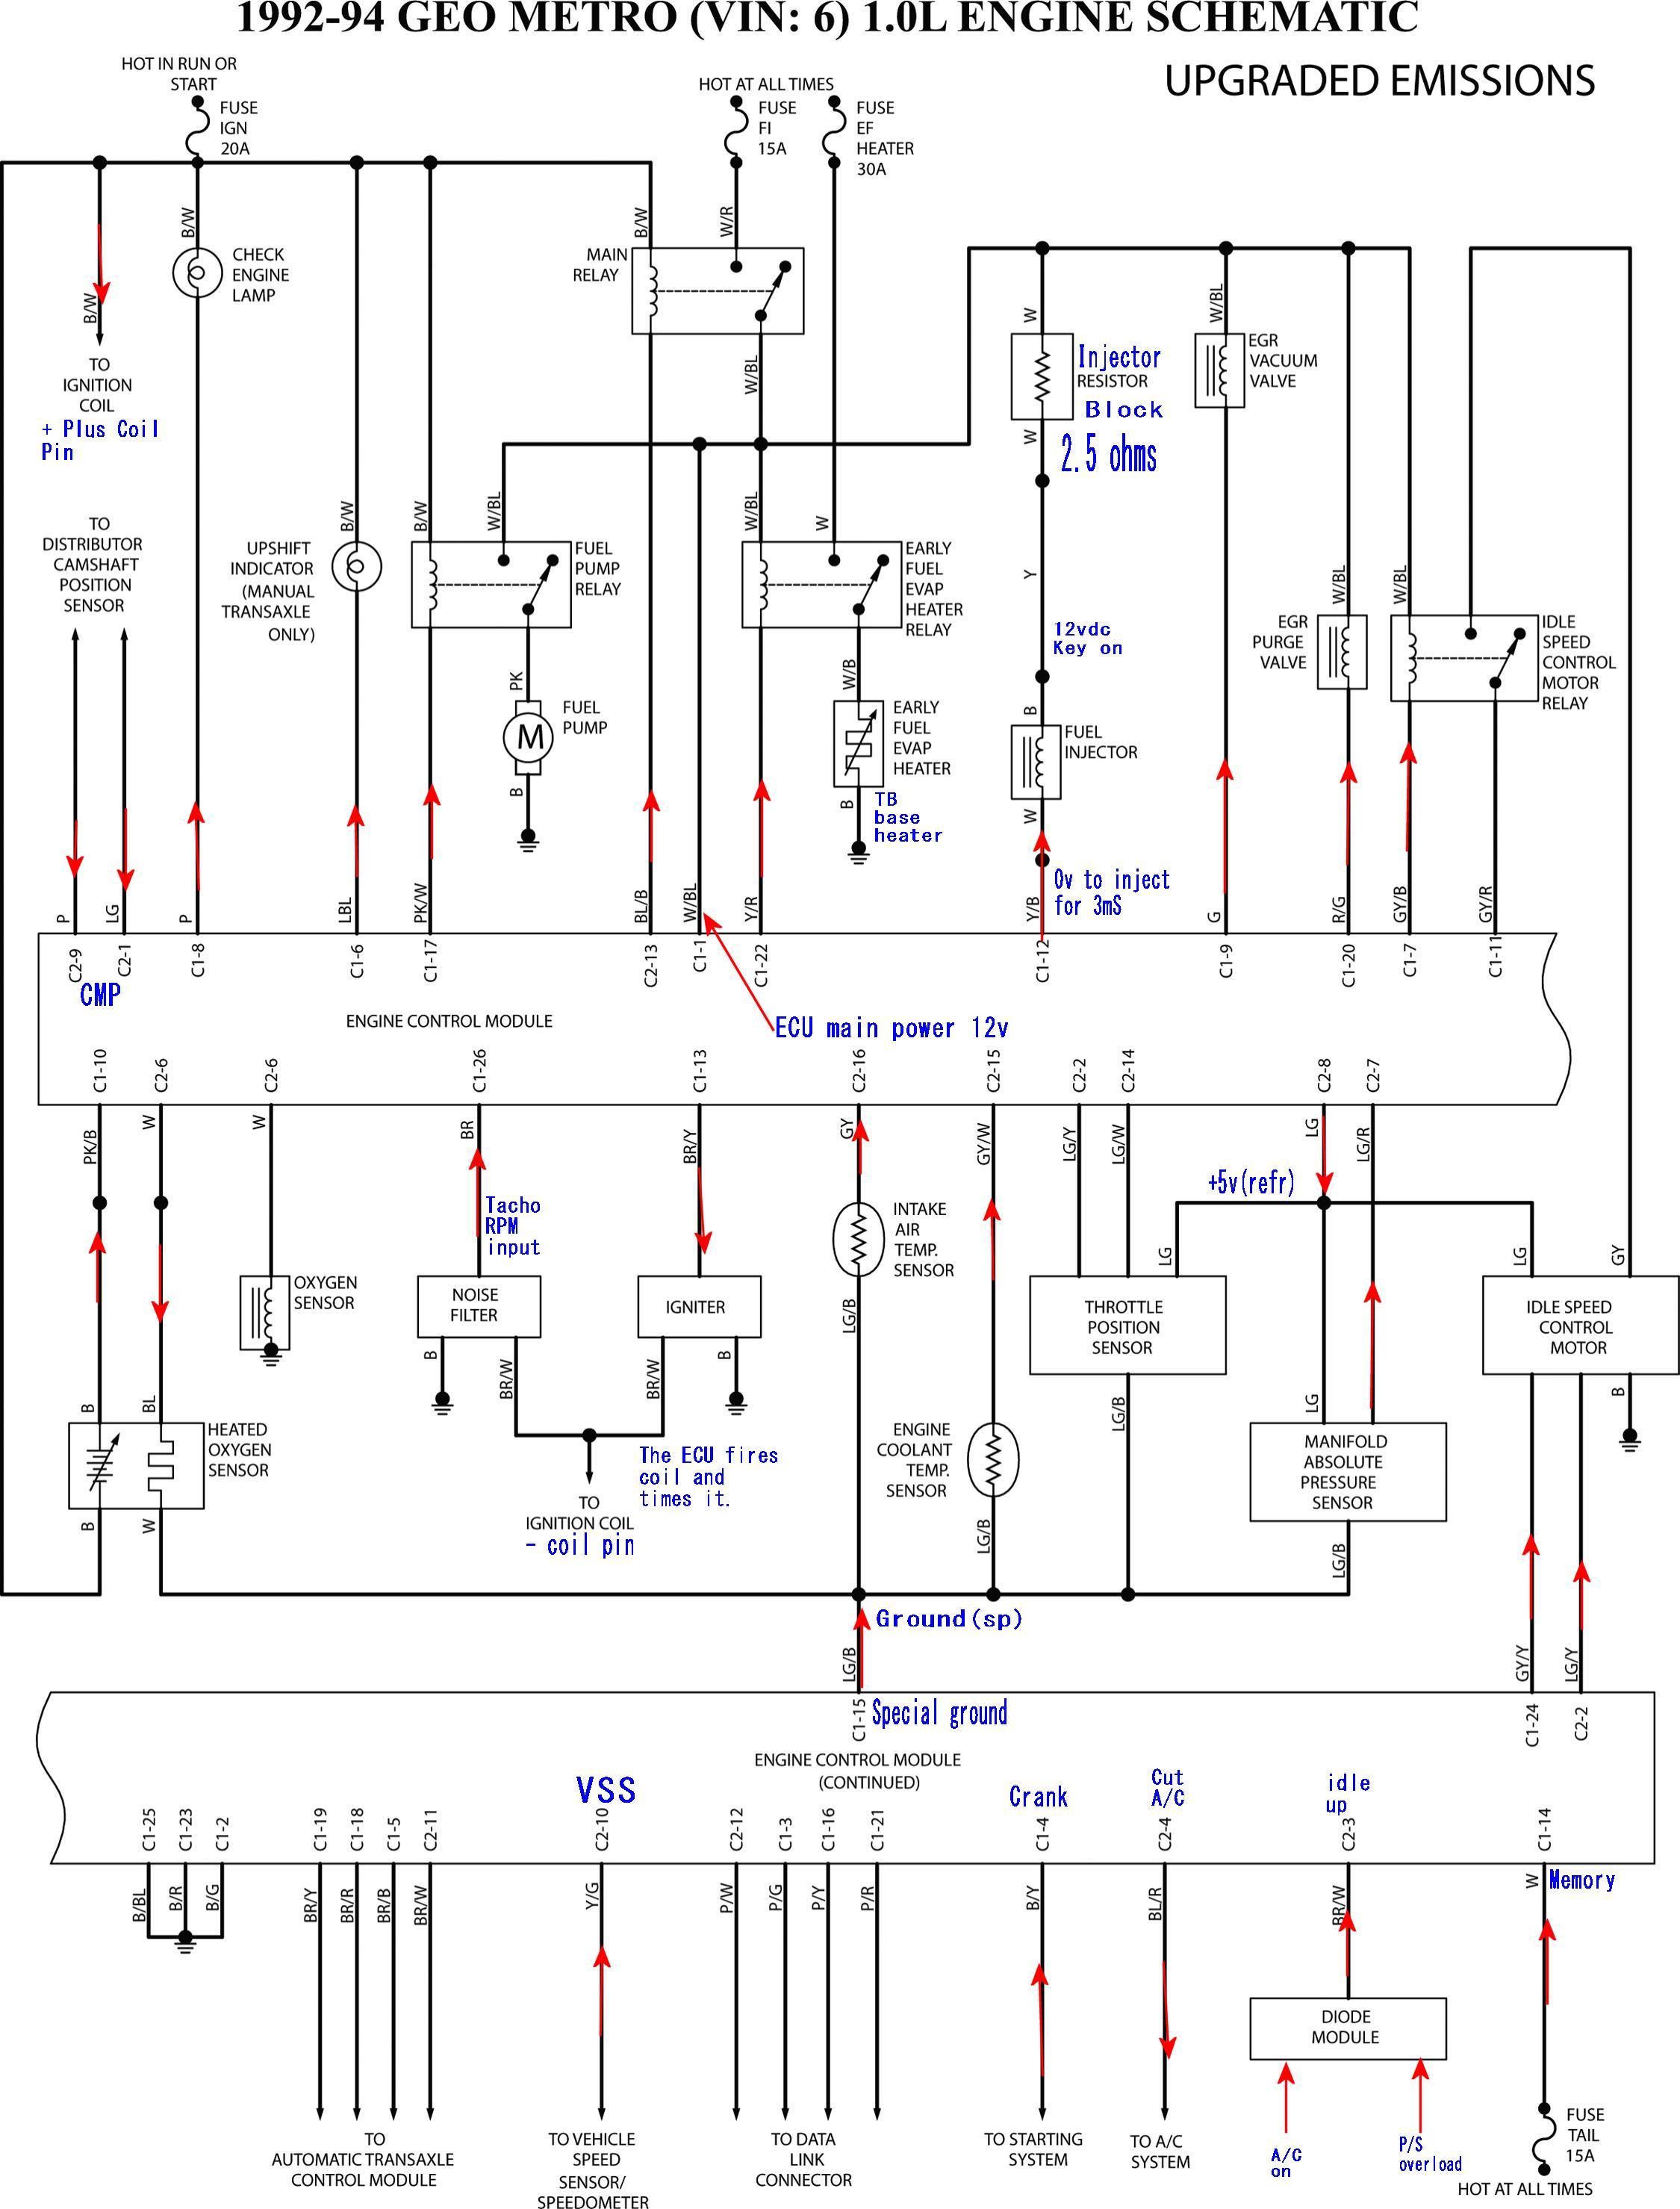 Chevy 4 3 Tbi Engine Schematic Reinvent Your Wiring Diagram 92 Toyota Truck V6 Schematics Diagrams U2022 Rh Parntesis Co 43